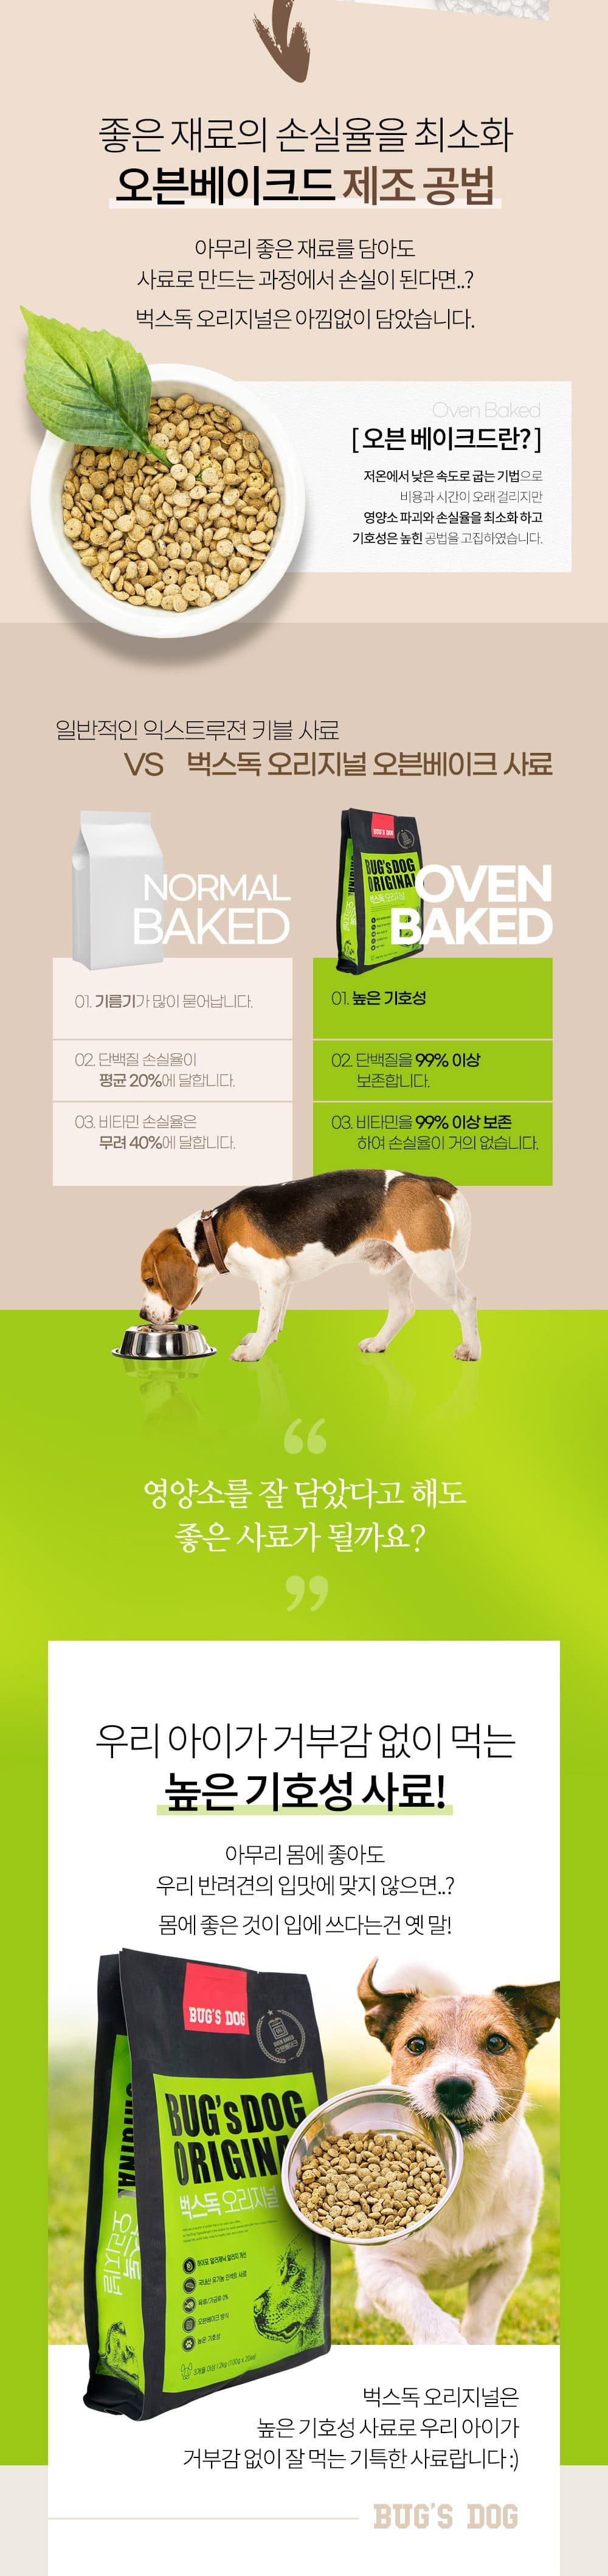 [오구오구특가]벅스펫 벅스독 오리지널 2kg (2개세트)-상품이미지-5